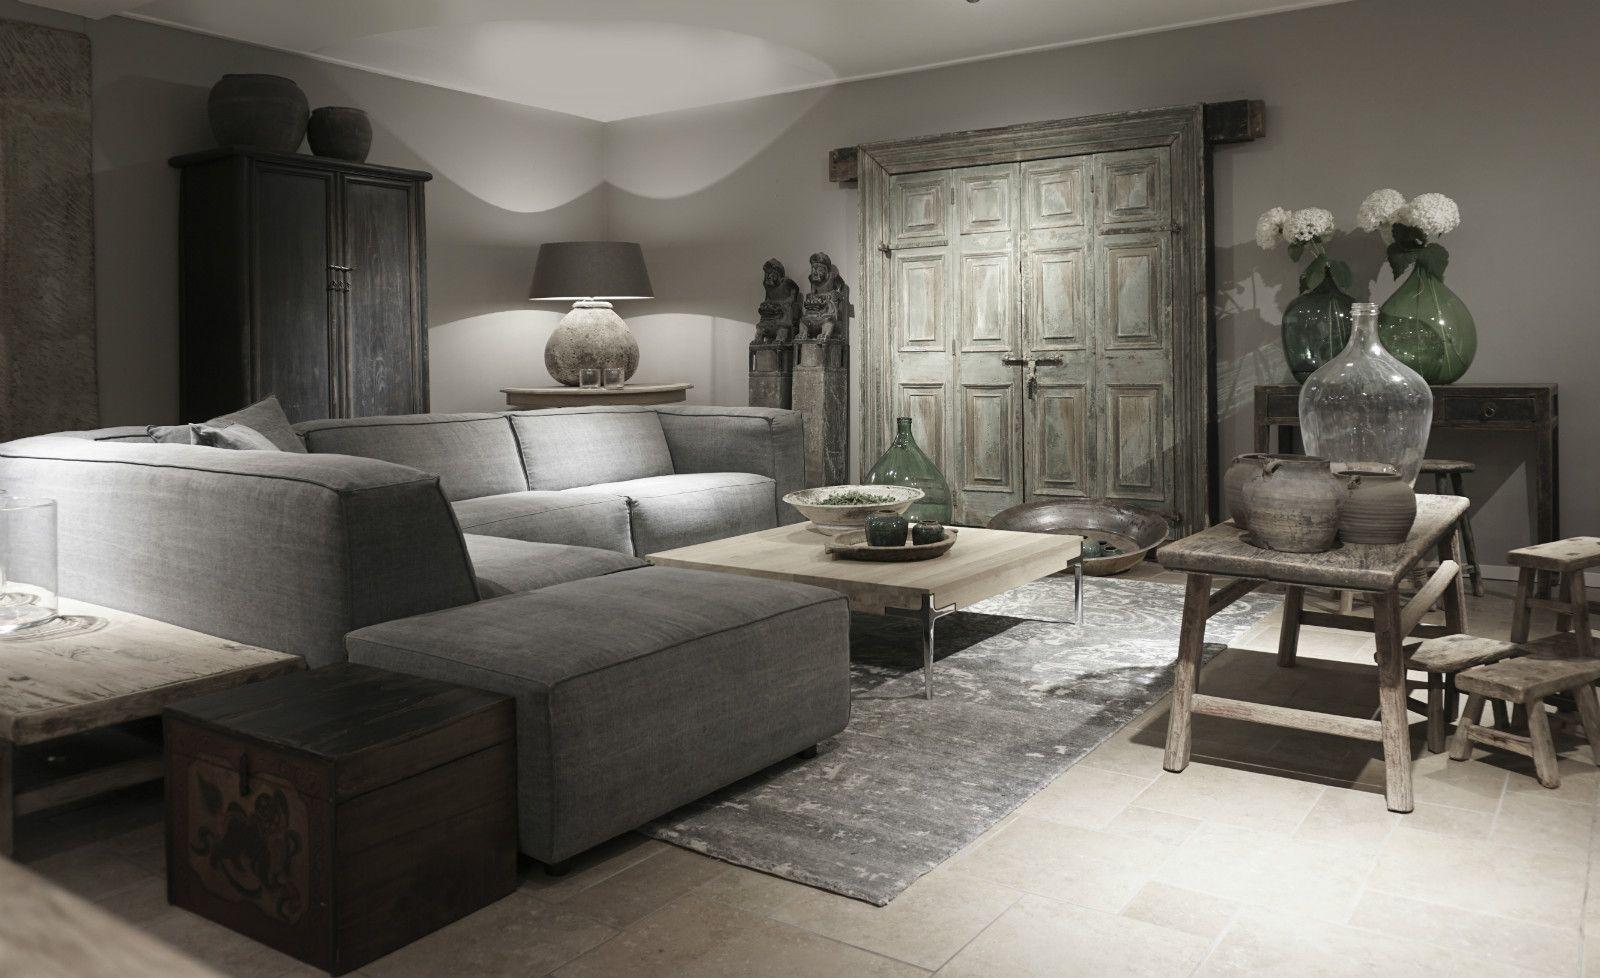 Bank Fatboy Zitmeubelen Collectie Looiershuis Home Deco Thuis Ideeen Voor Thuisdecoratie